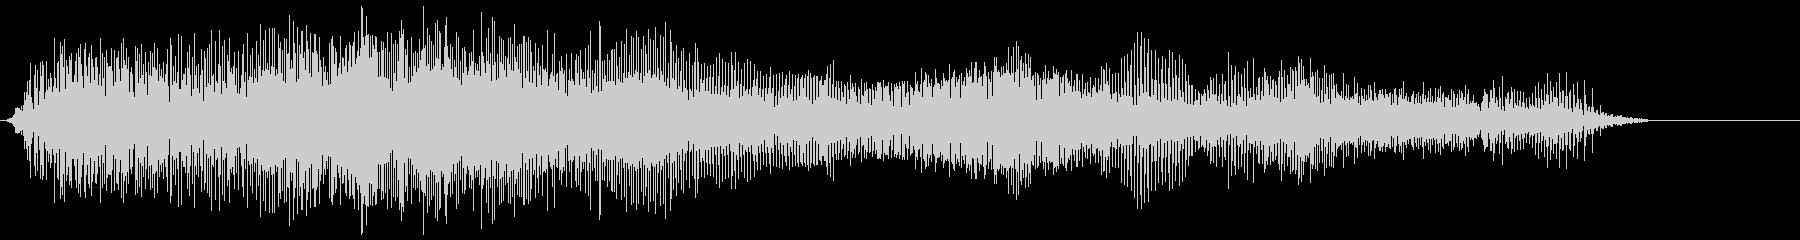 モンスターローグロール4の未再生の波形